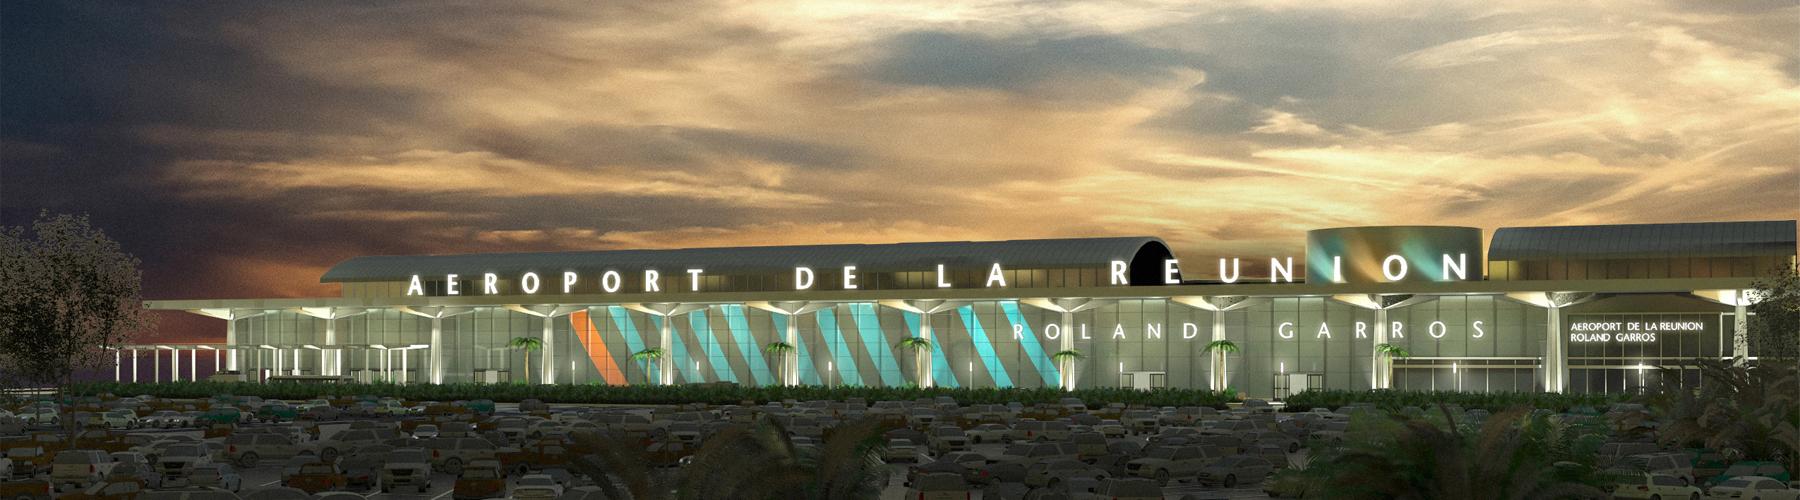 Resultado de imagen para Aéroport Reunion